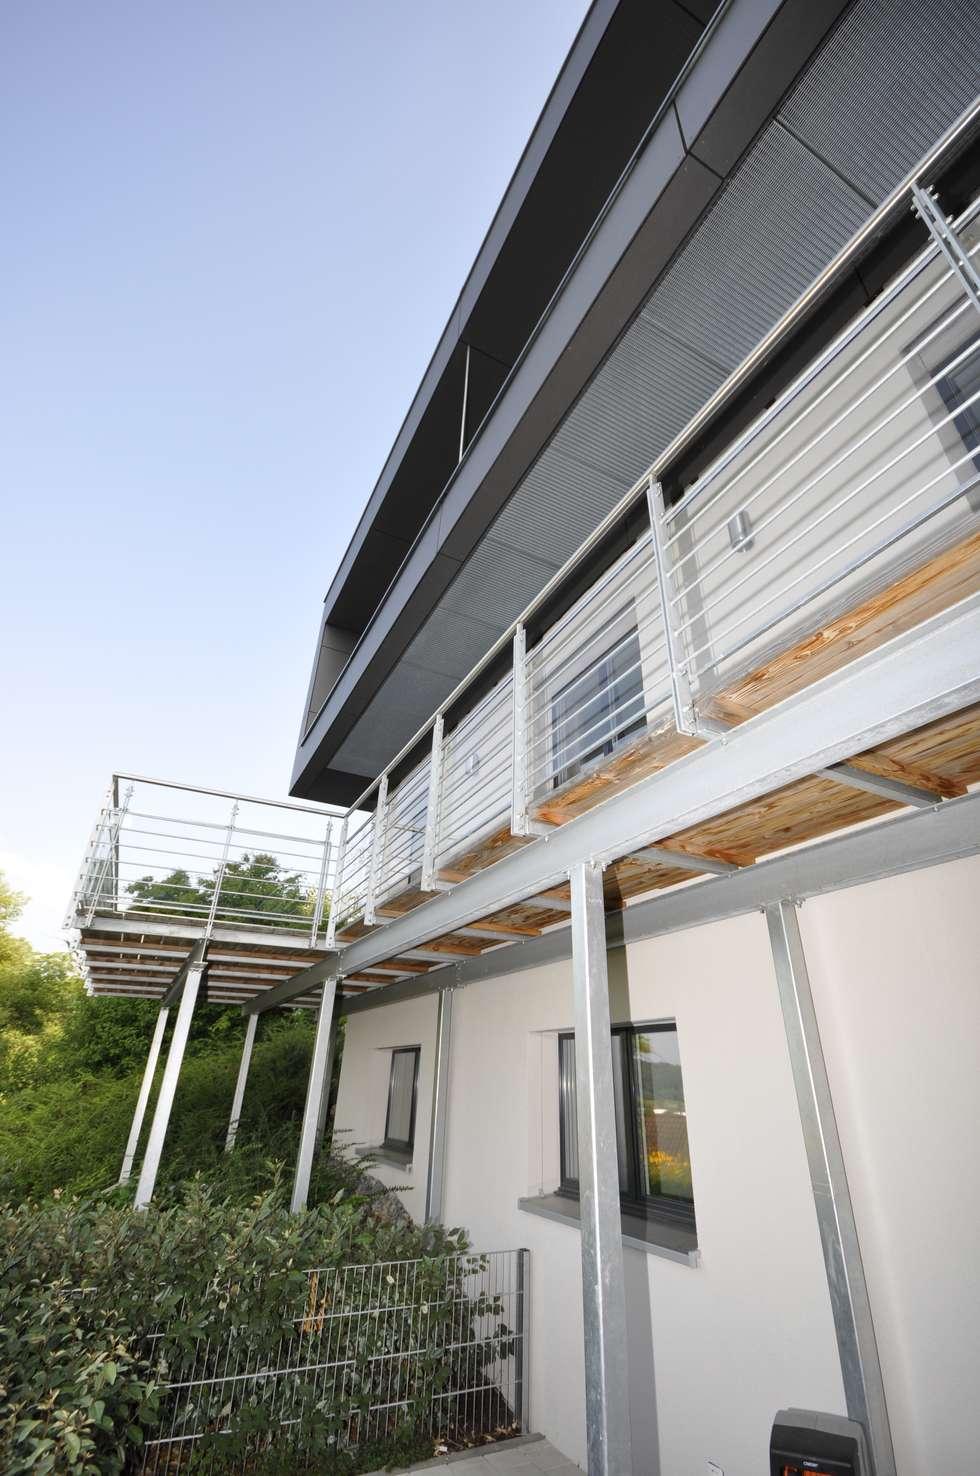 Ansprechend Moderne Einfamilienhäuser Sammlung Von Einfamilienhäuser Mit Einliegerwohnung Und Tiefgarage: Häuser Von